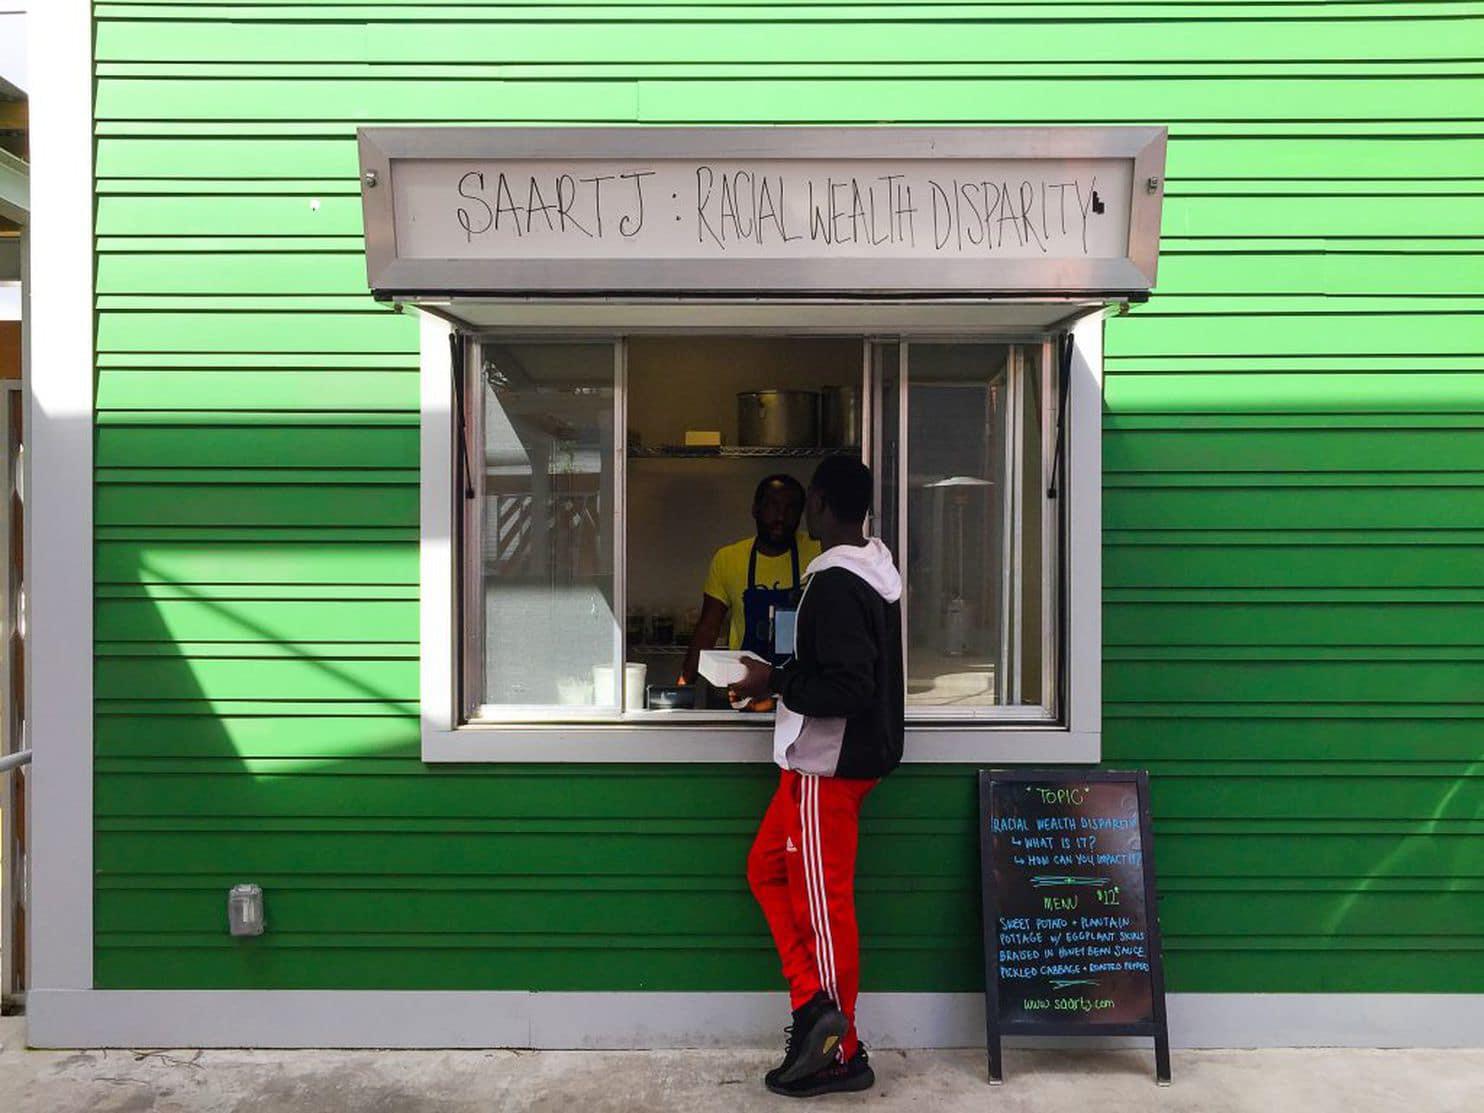 Нигерия Новый Орлеан расизм ресторан цена